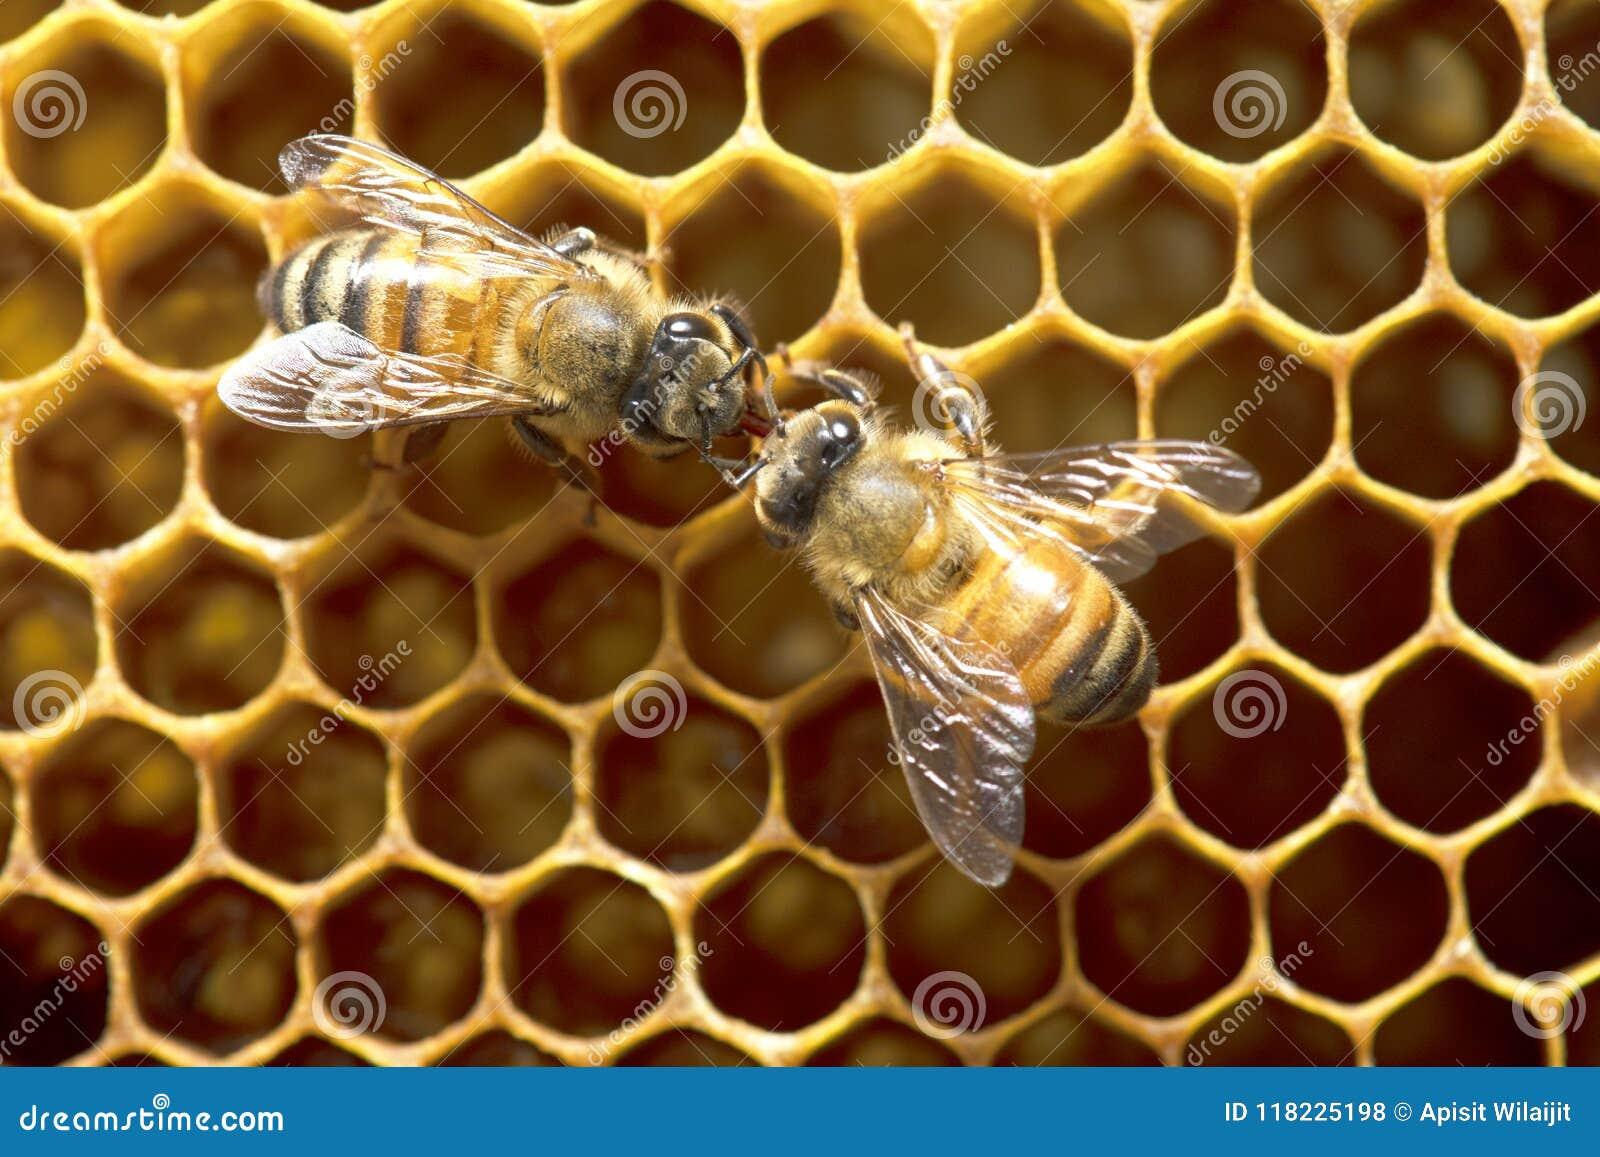 Μέλισσες μελιού στην κυψέλη μελισσών στην Ταϊλάνδη και τη Νοτιοανατολική Ασία